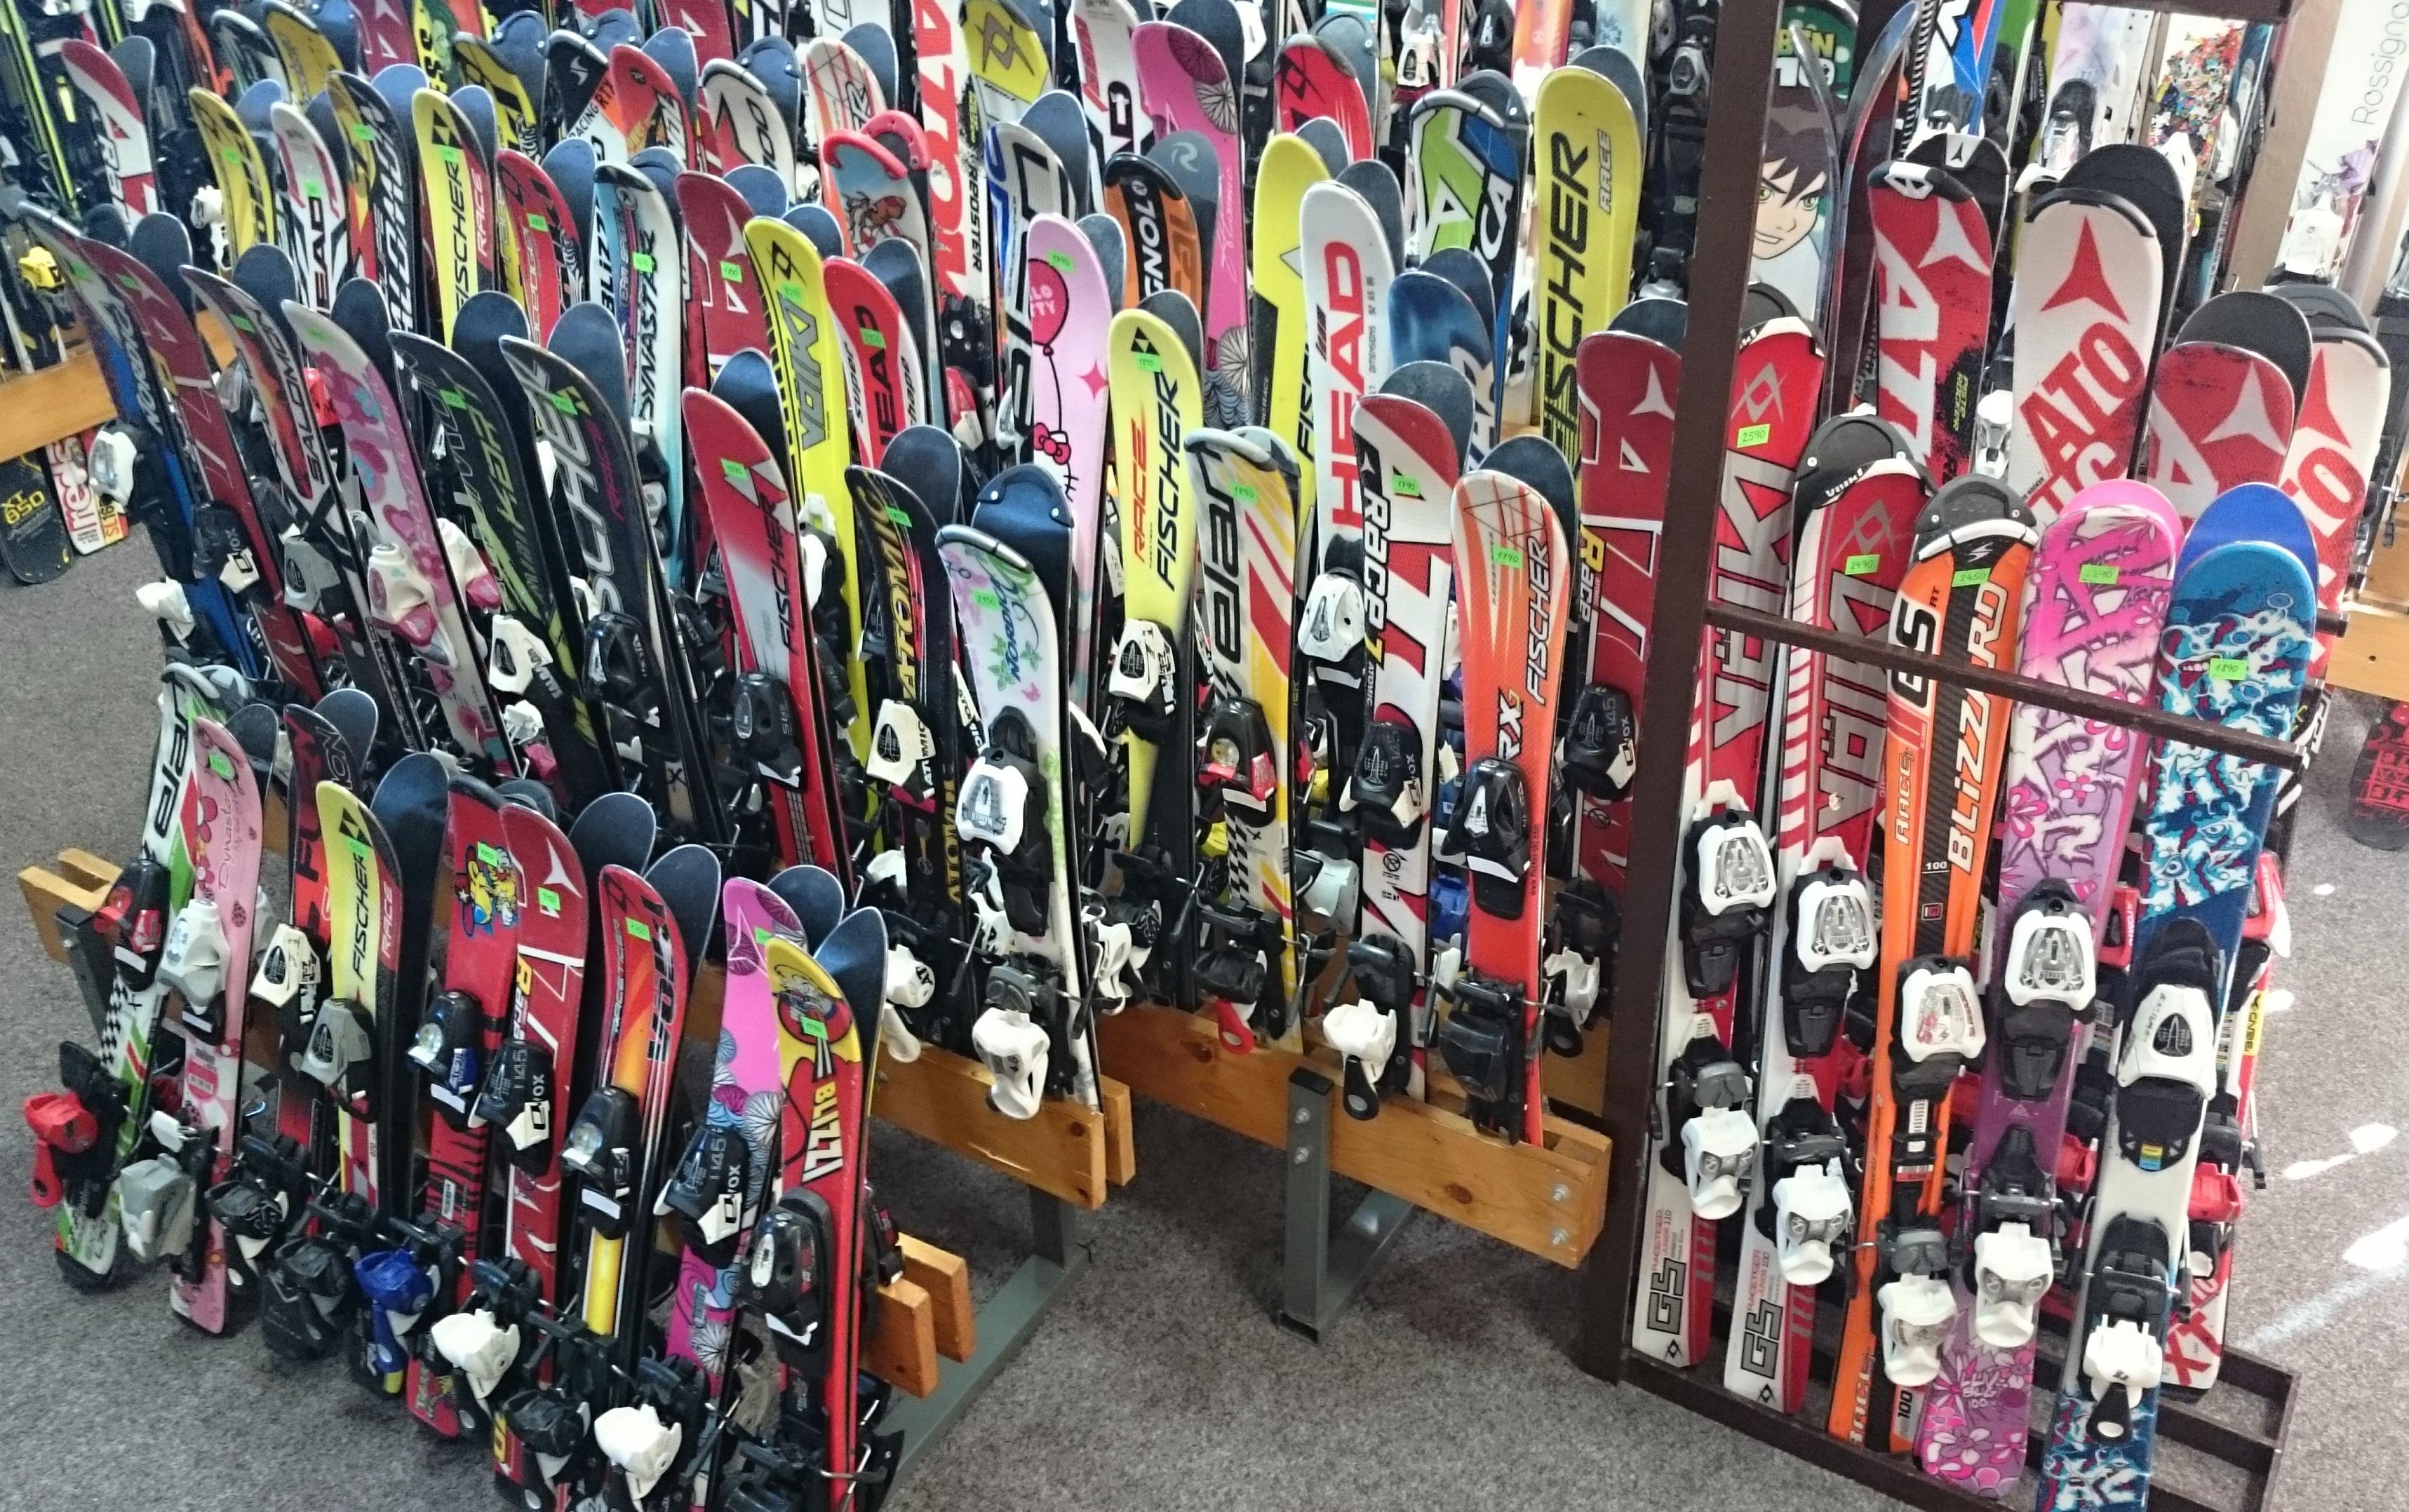 dětské lyže 67 - 100 mix 2015